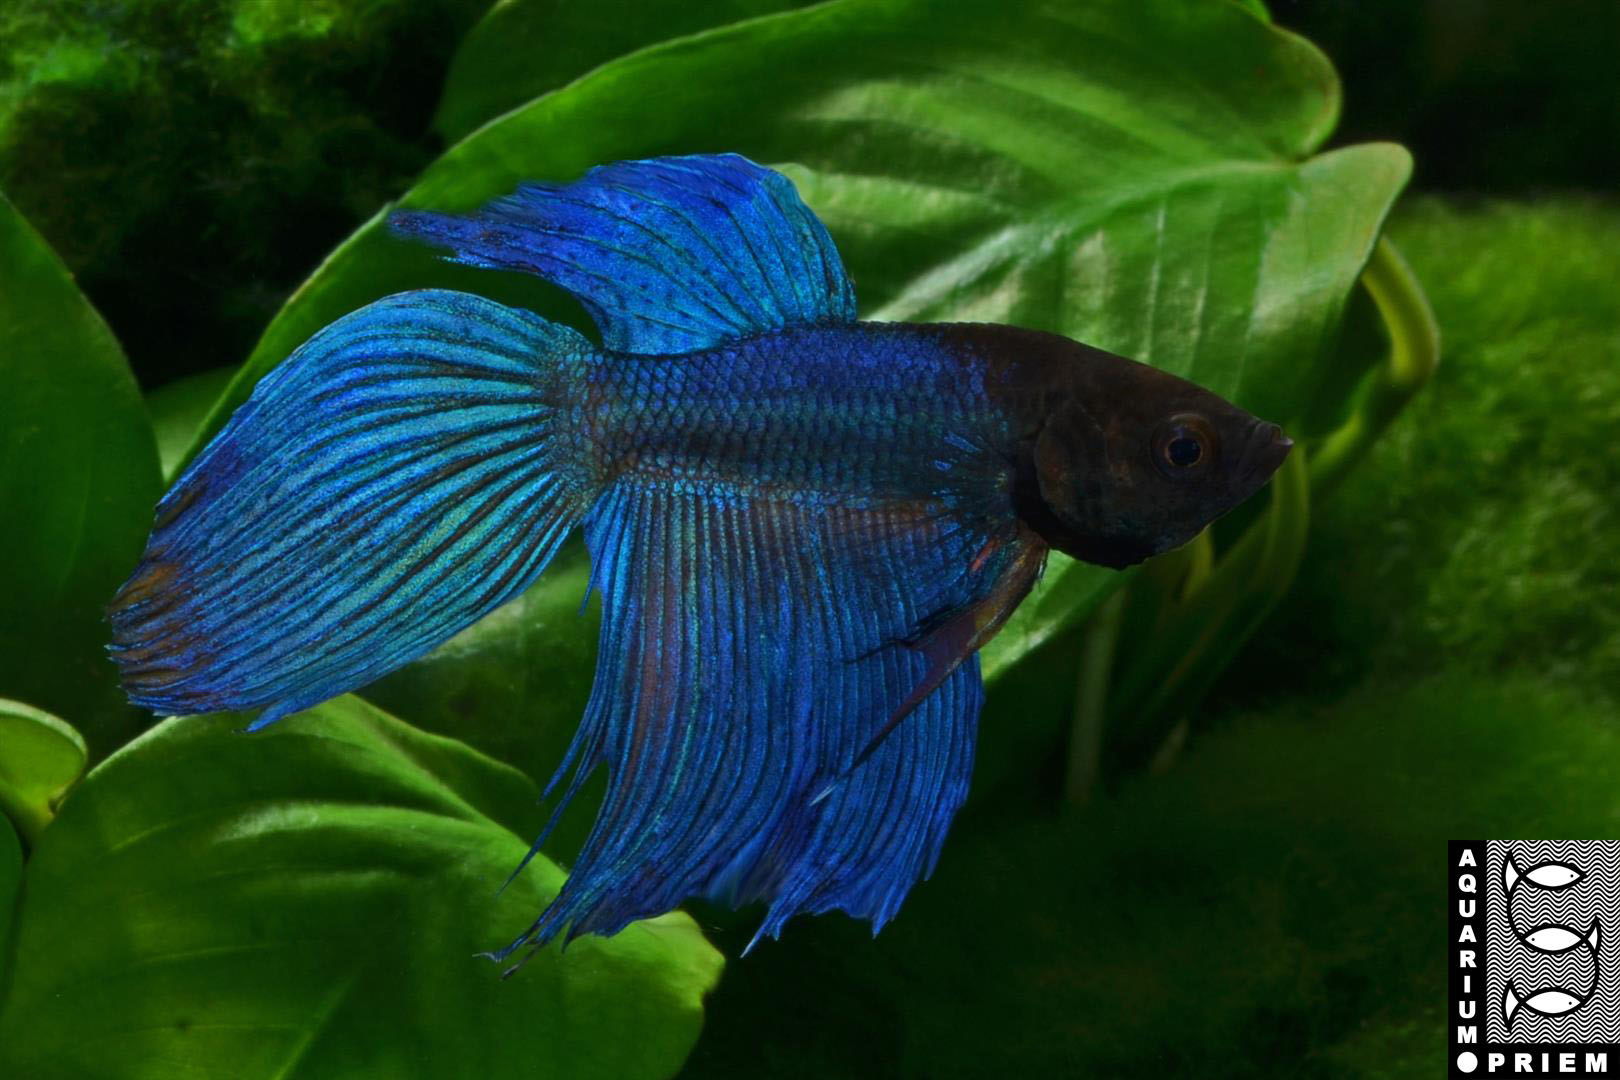 Siamesischer-Kampffisch-Betta-splendens-blau-Priem